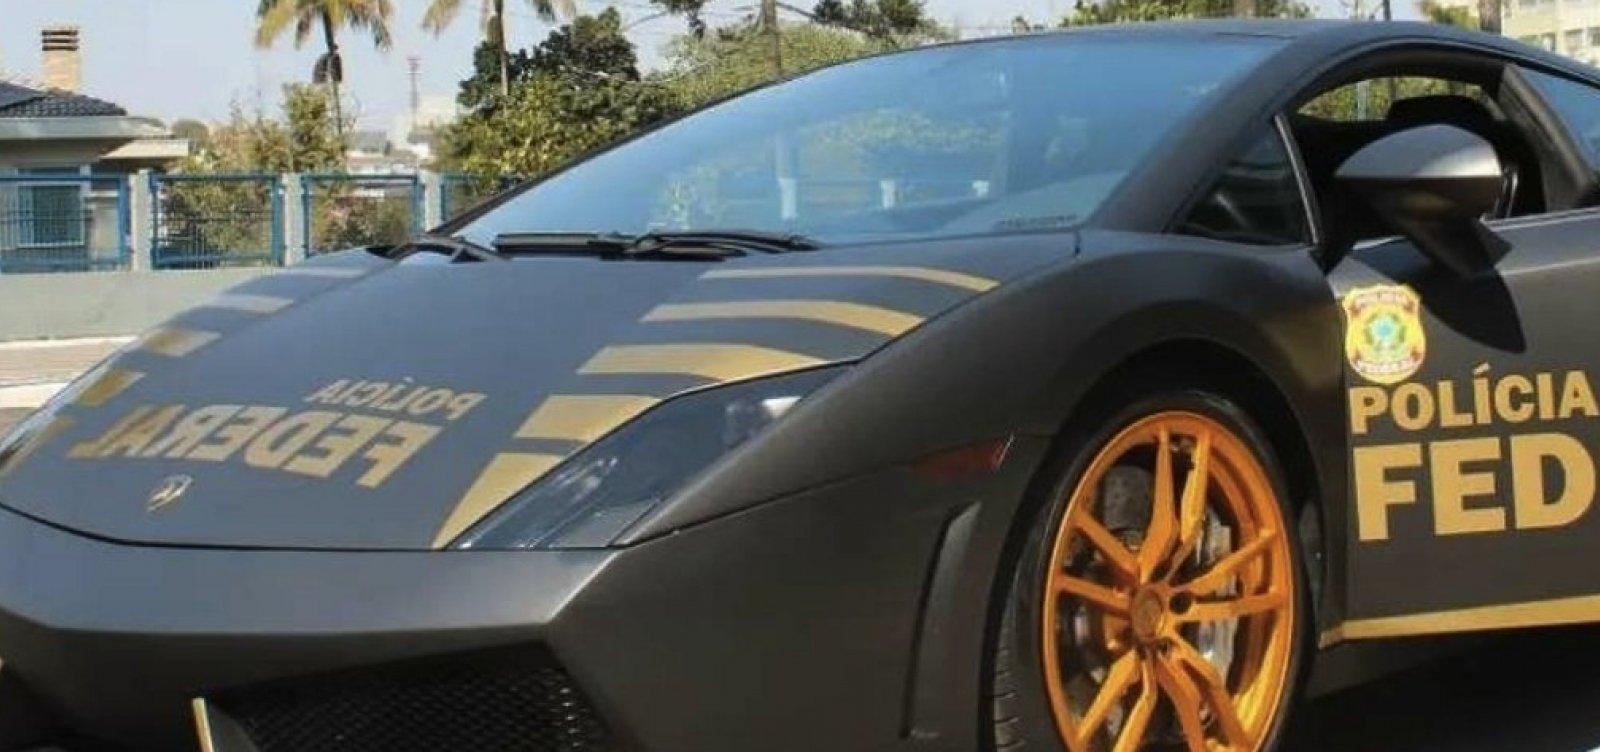 Lamborghini de R$ 800 mil apreendida em ação contra golpistas vira viatura da PF